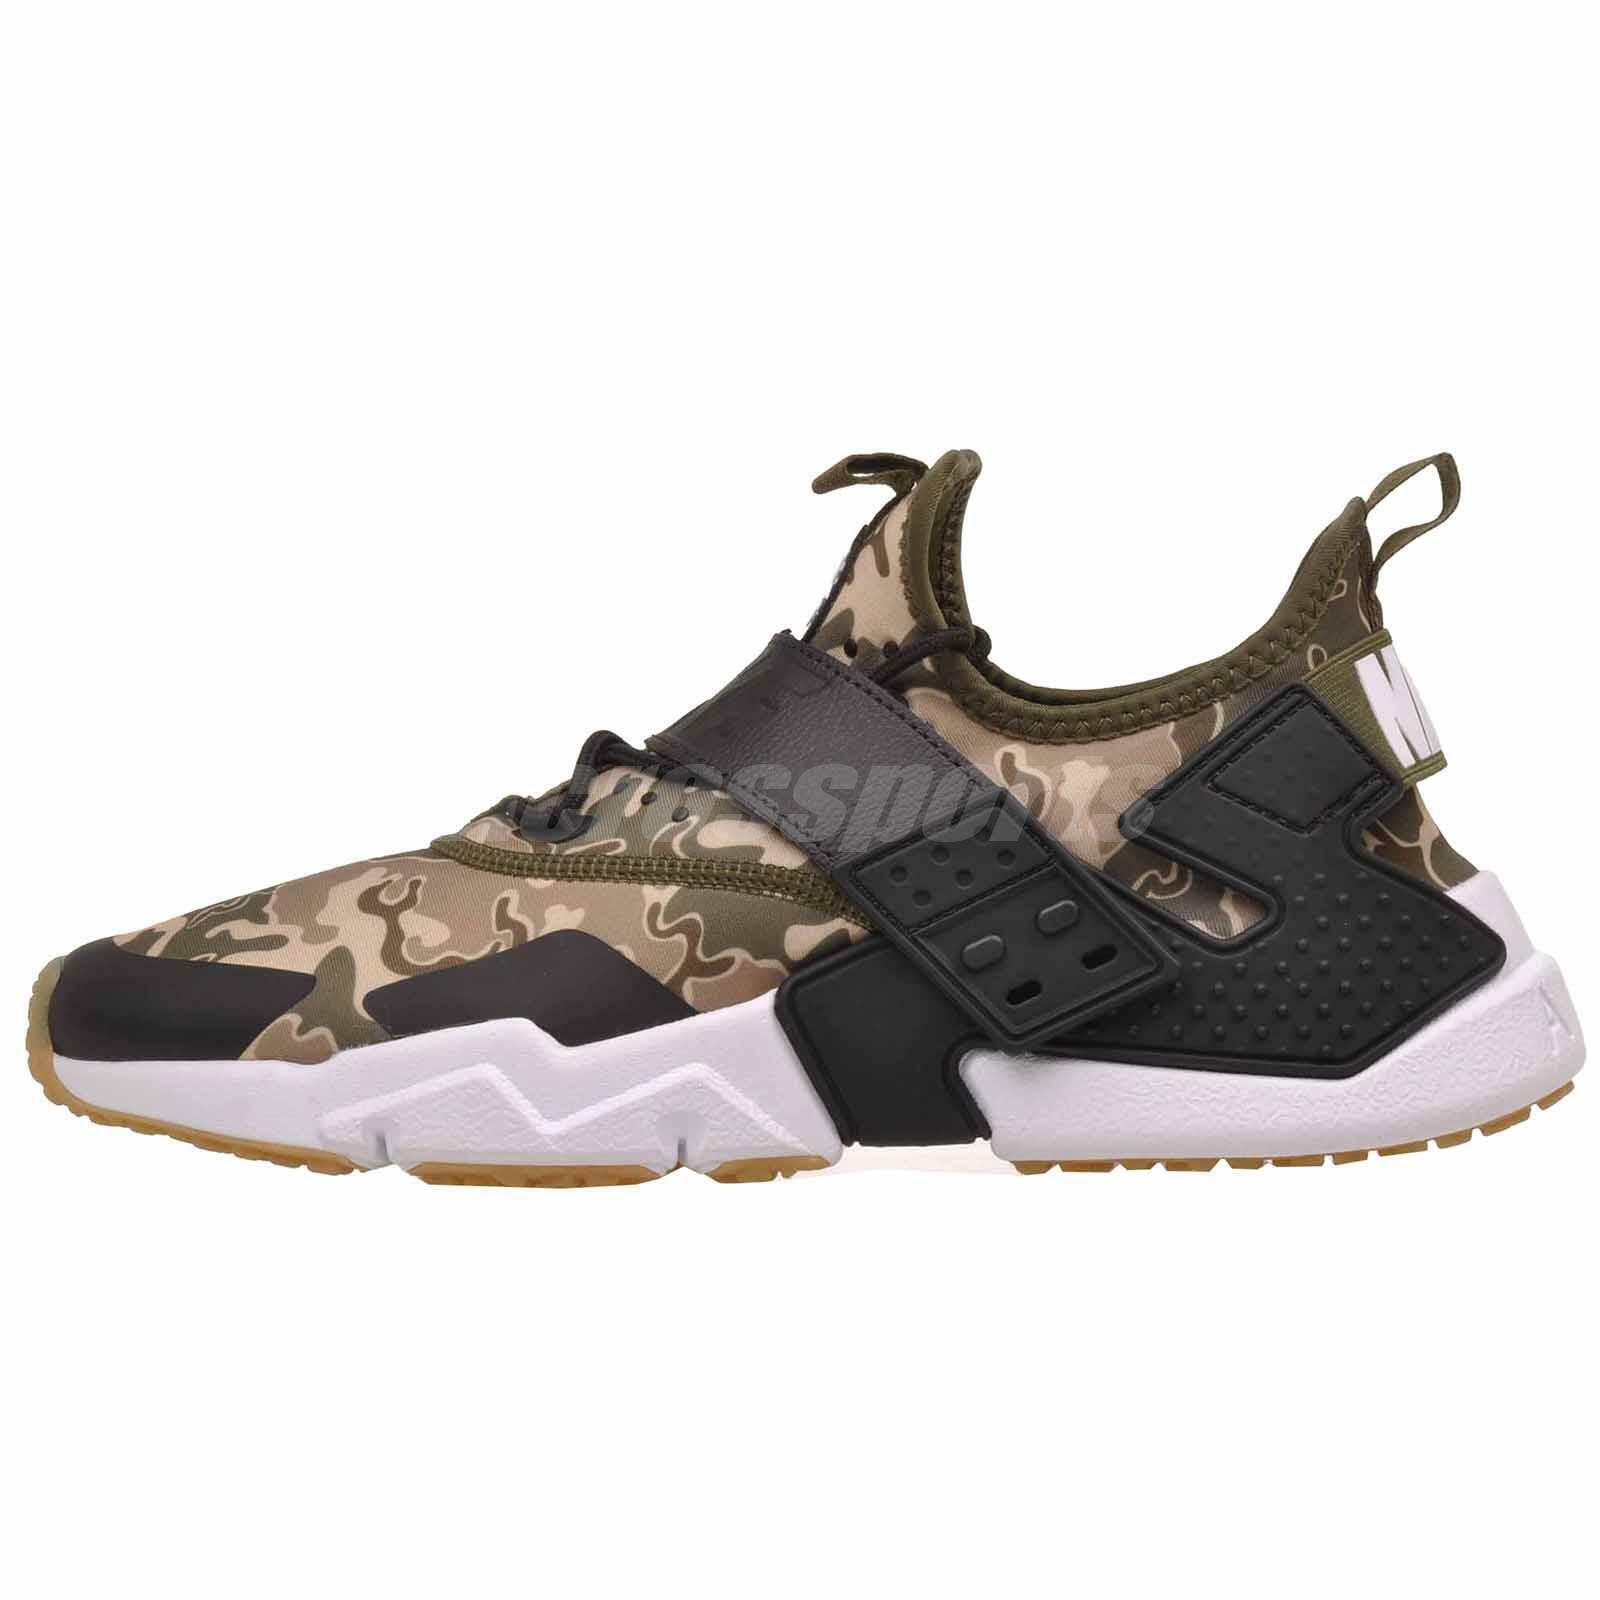 Nike Huarache Drift PRM Hombre Para Correr Air Zapatos Oliva Lona AH7335-301